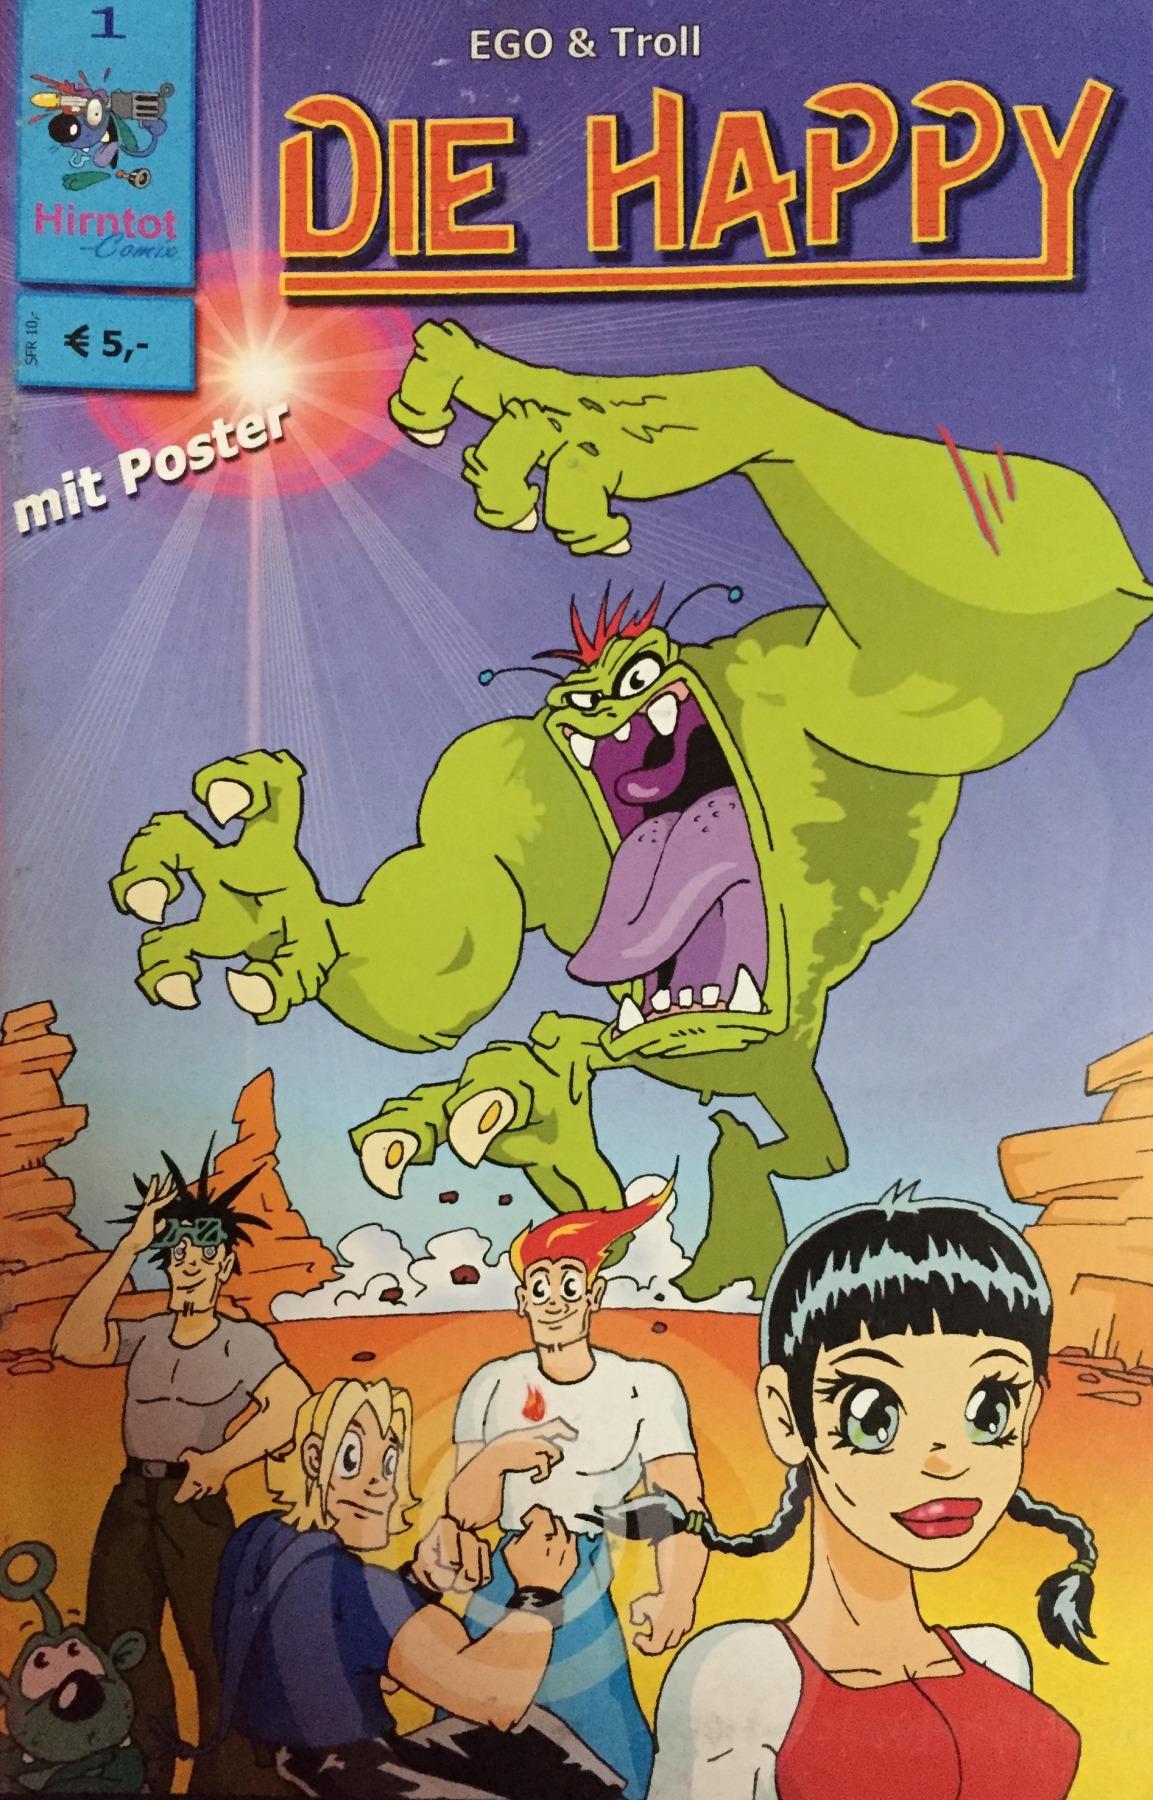 Die Happy Comic - Part 1